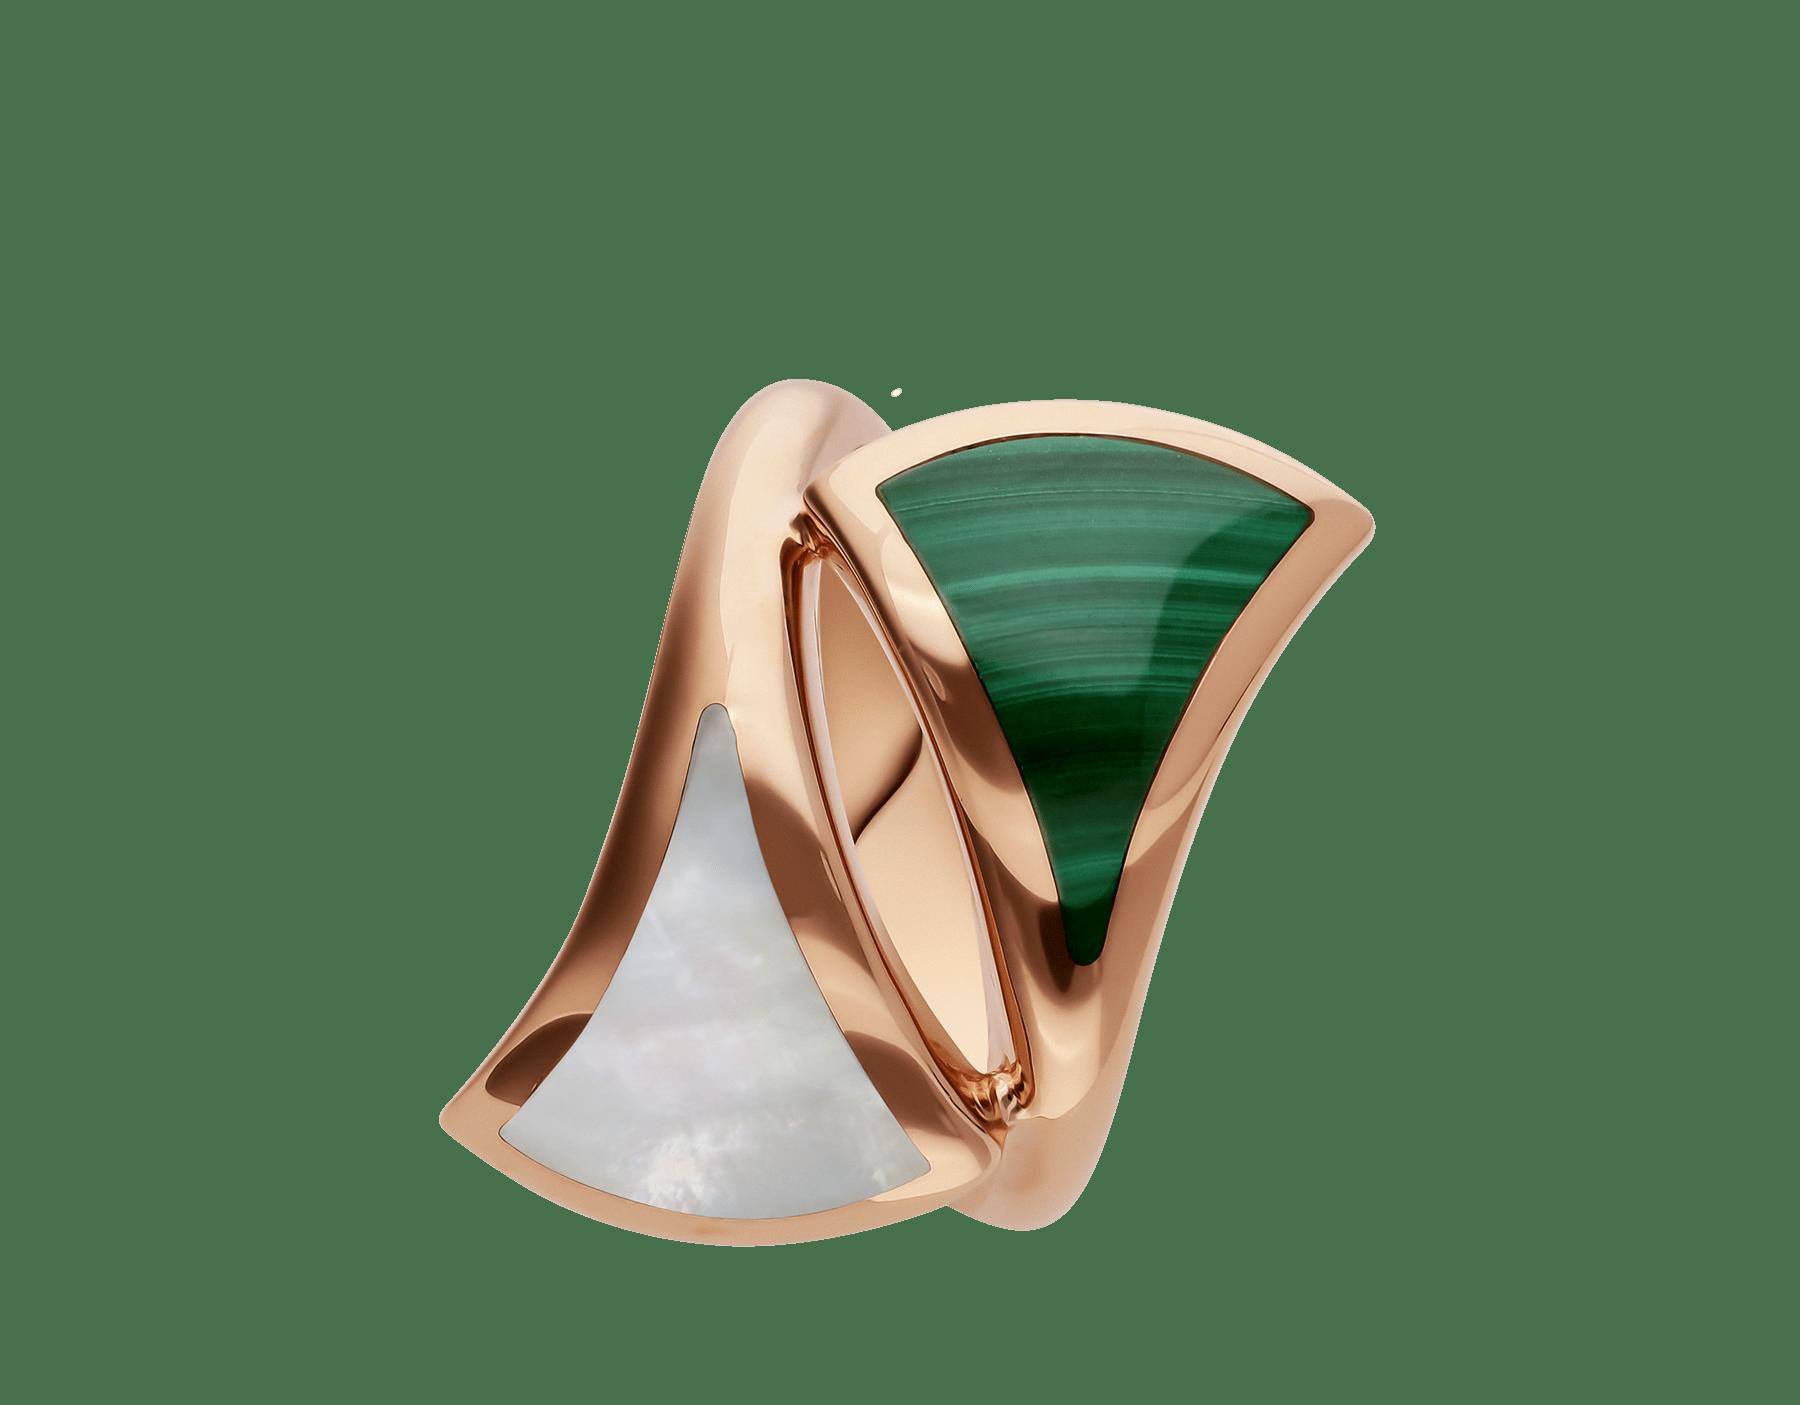 Незамкнутое кольцо DIVAS' DREAM, розовое золото 18 карат, перламутр, малахит. AN857955 image 2